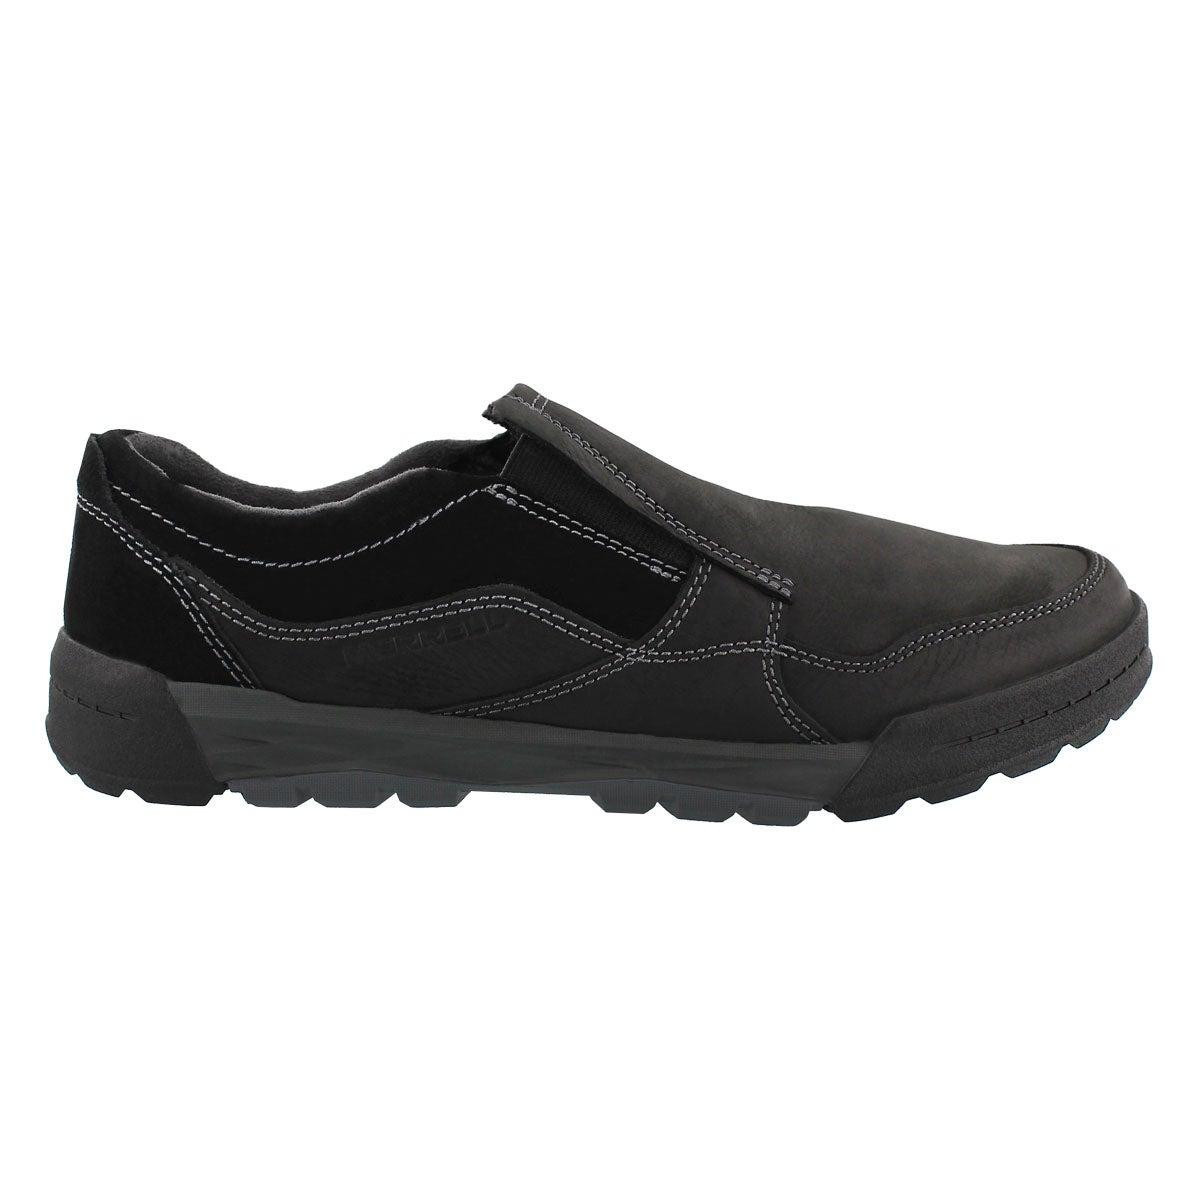 Mns Berner Moc black casual slip on